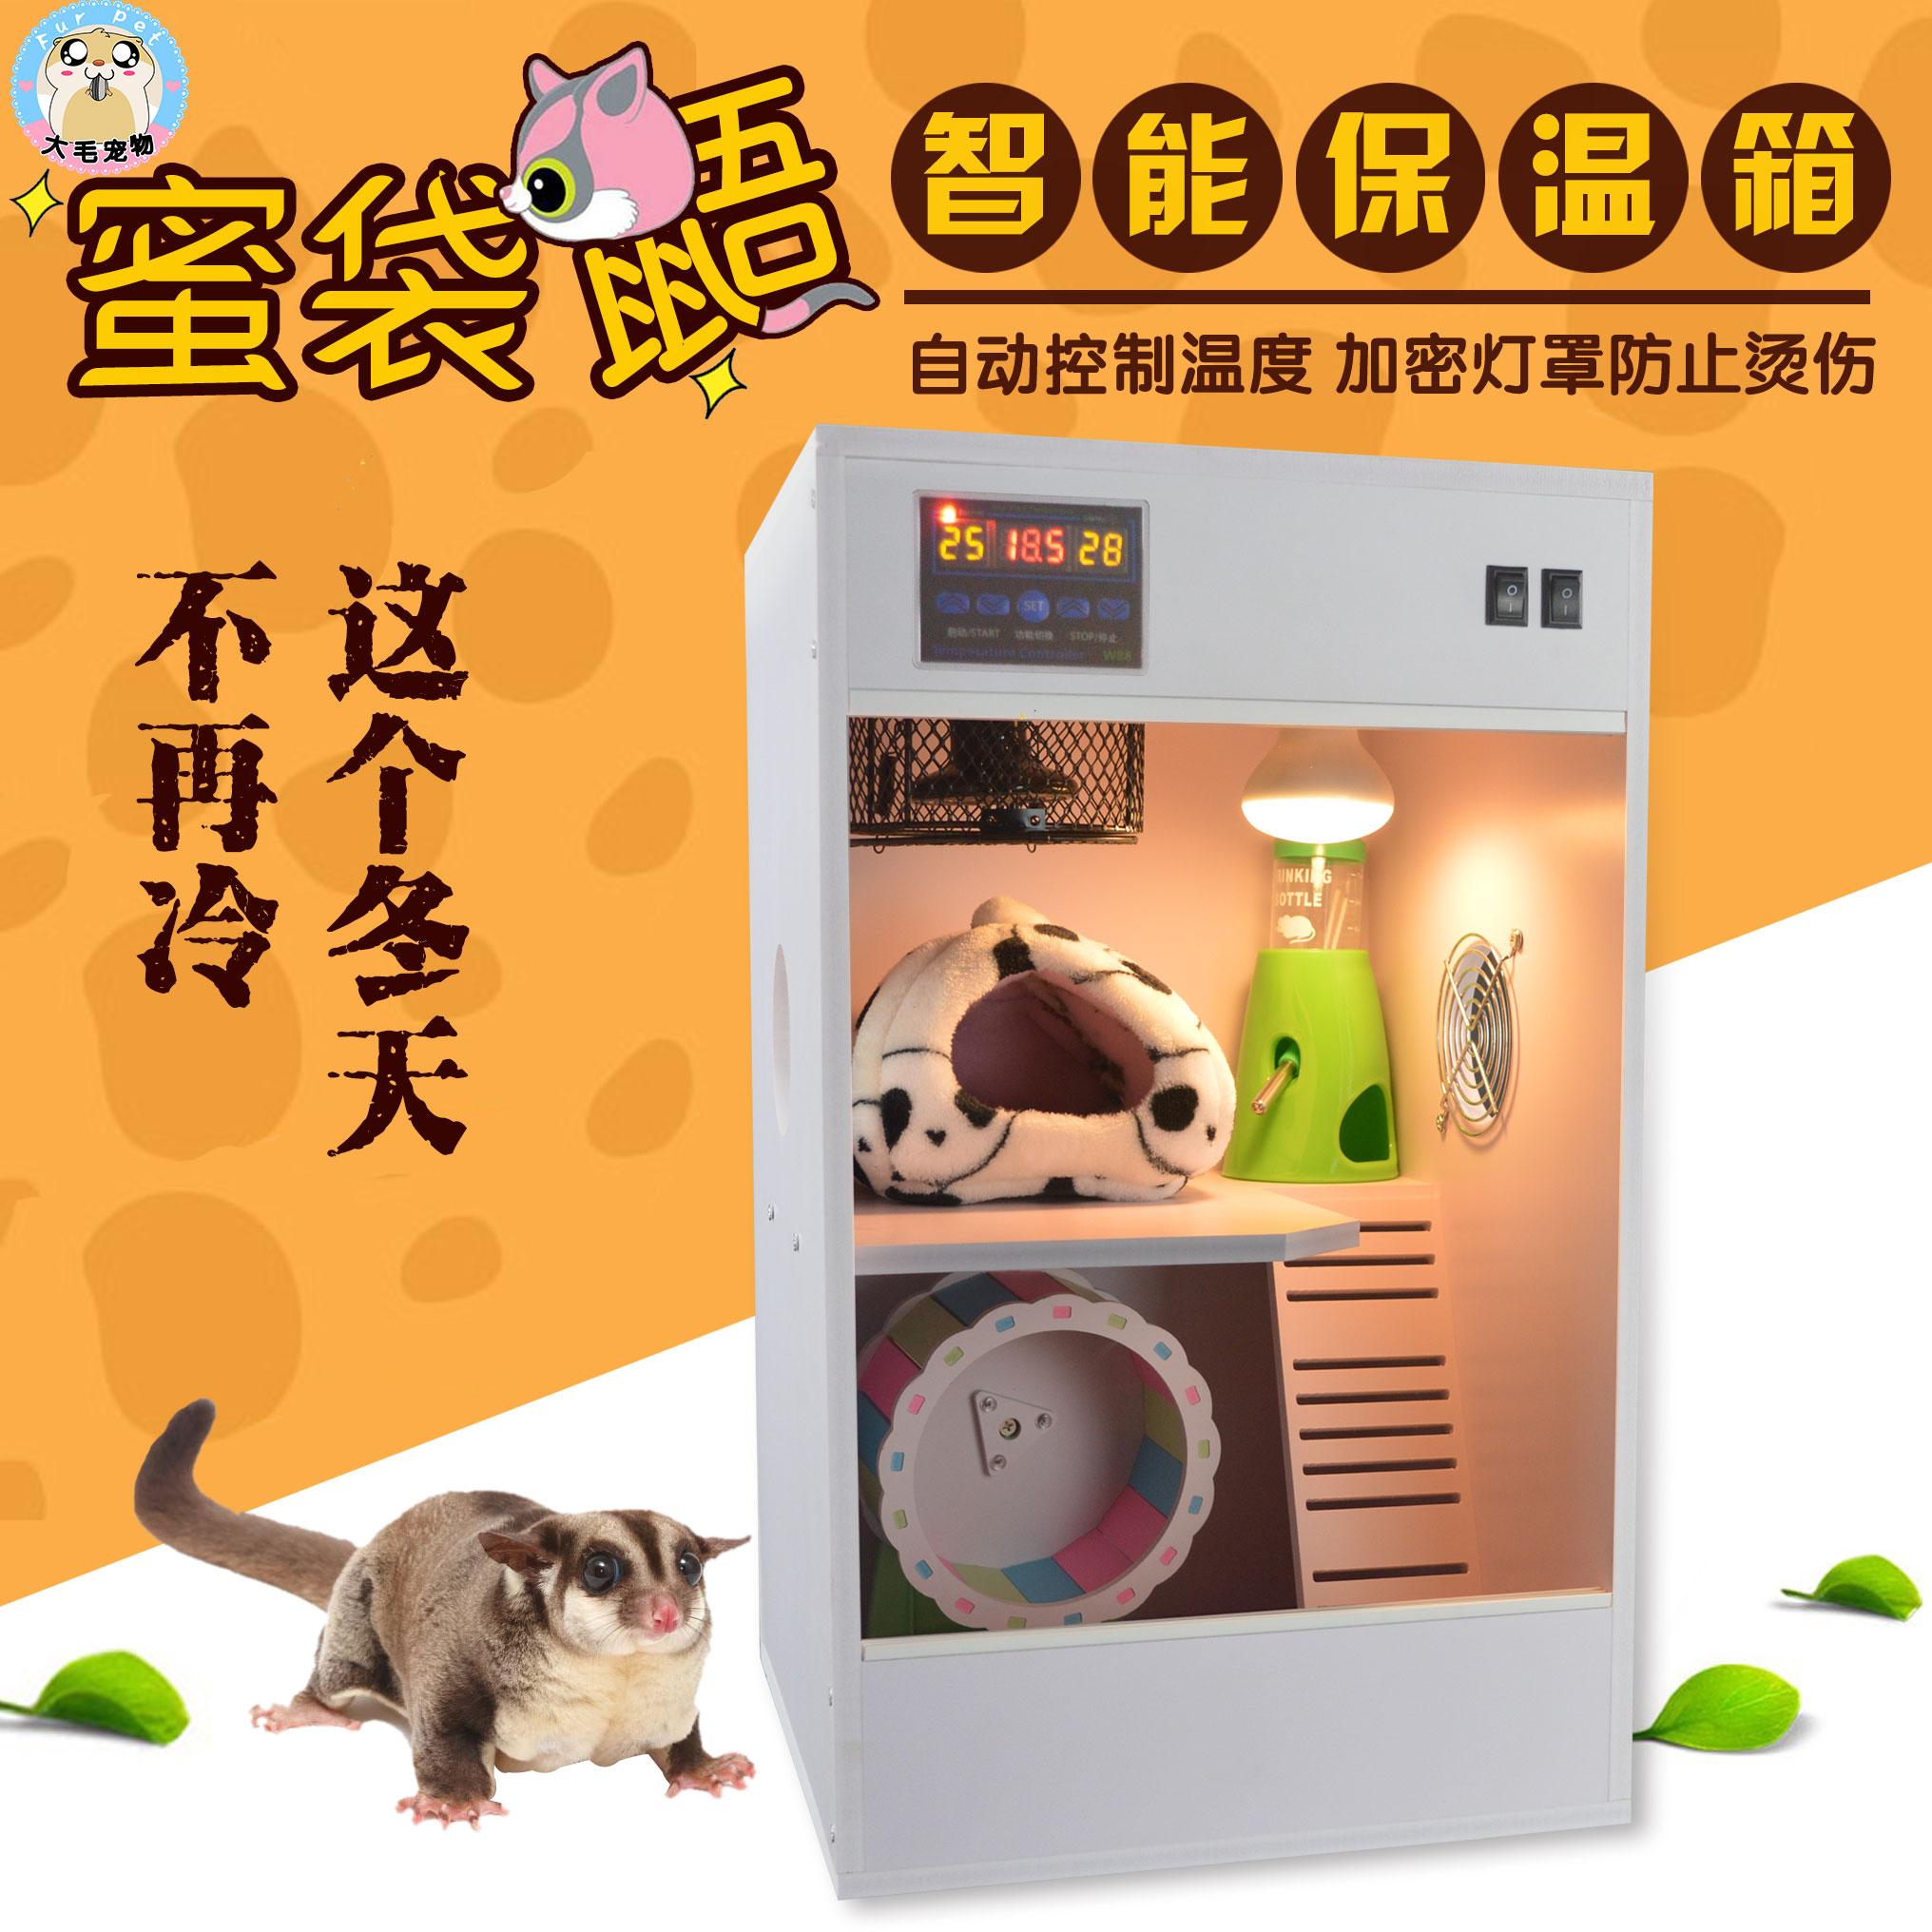 仓鼠迷你刺猬蜜袋鼯专用豪华饲养箱木箱子保温仓鼠花枝窝松鼠别墅